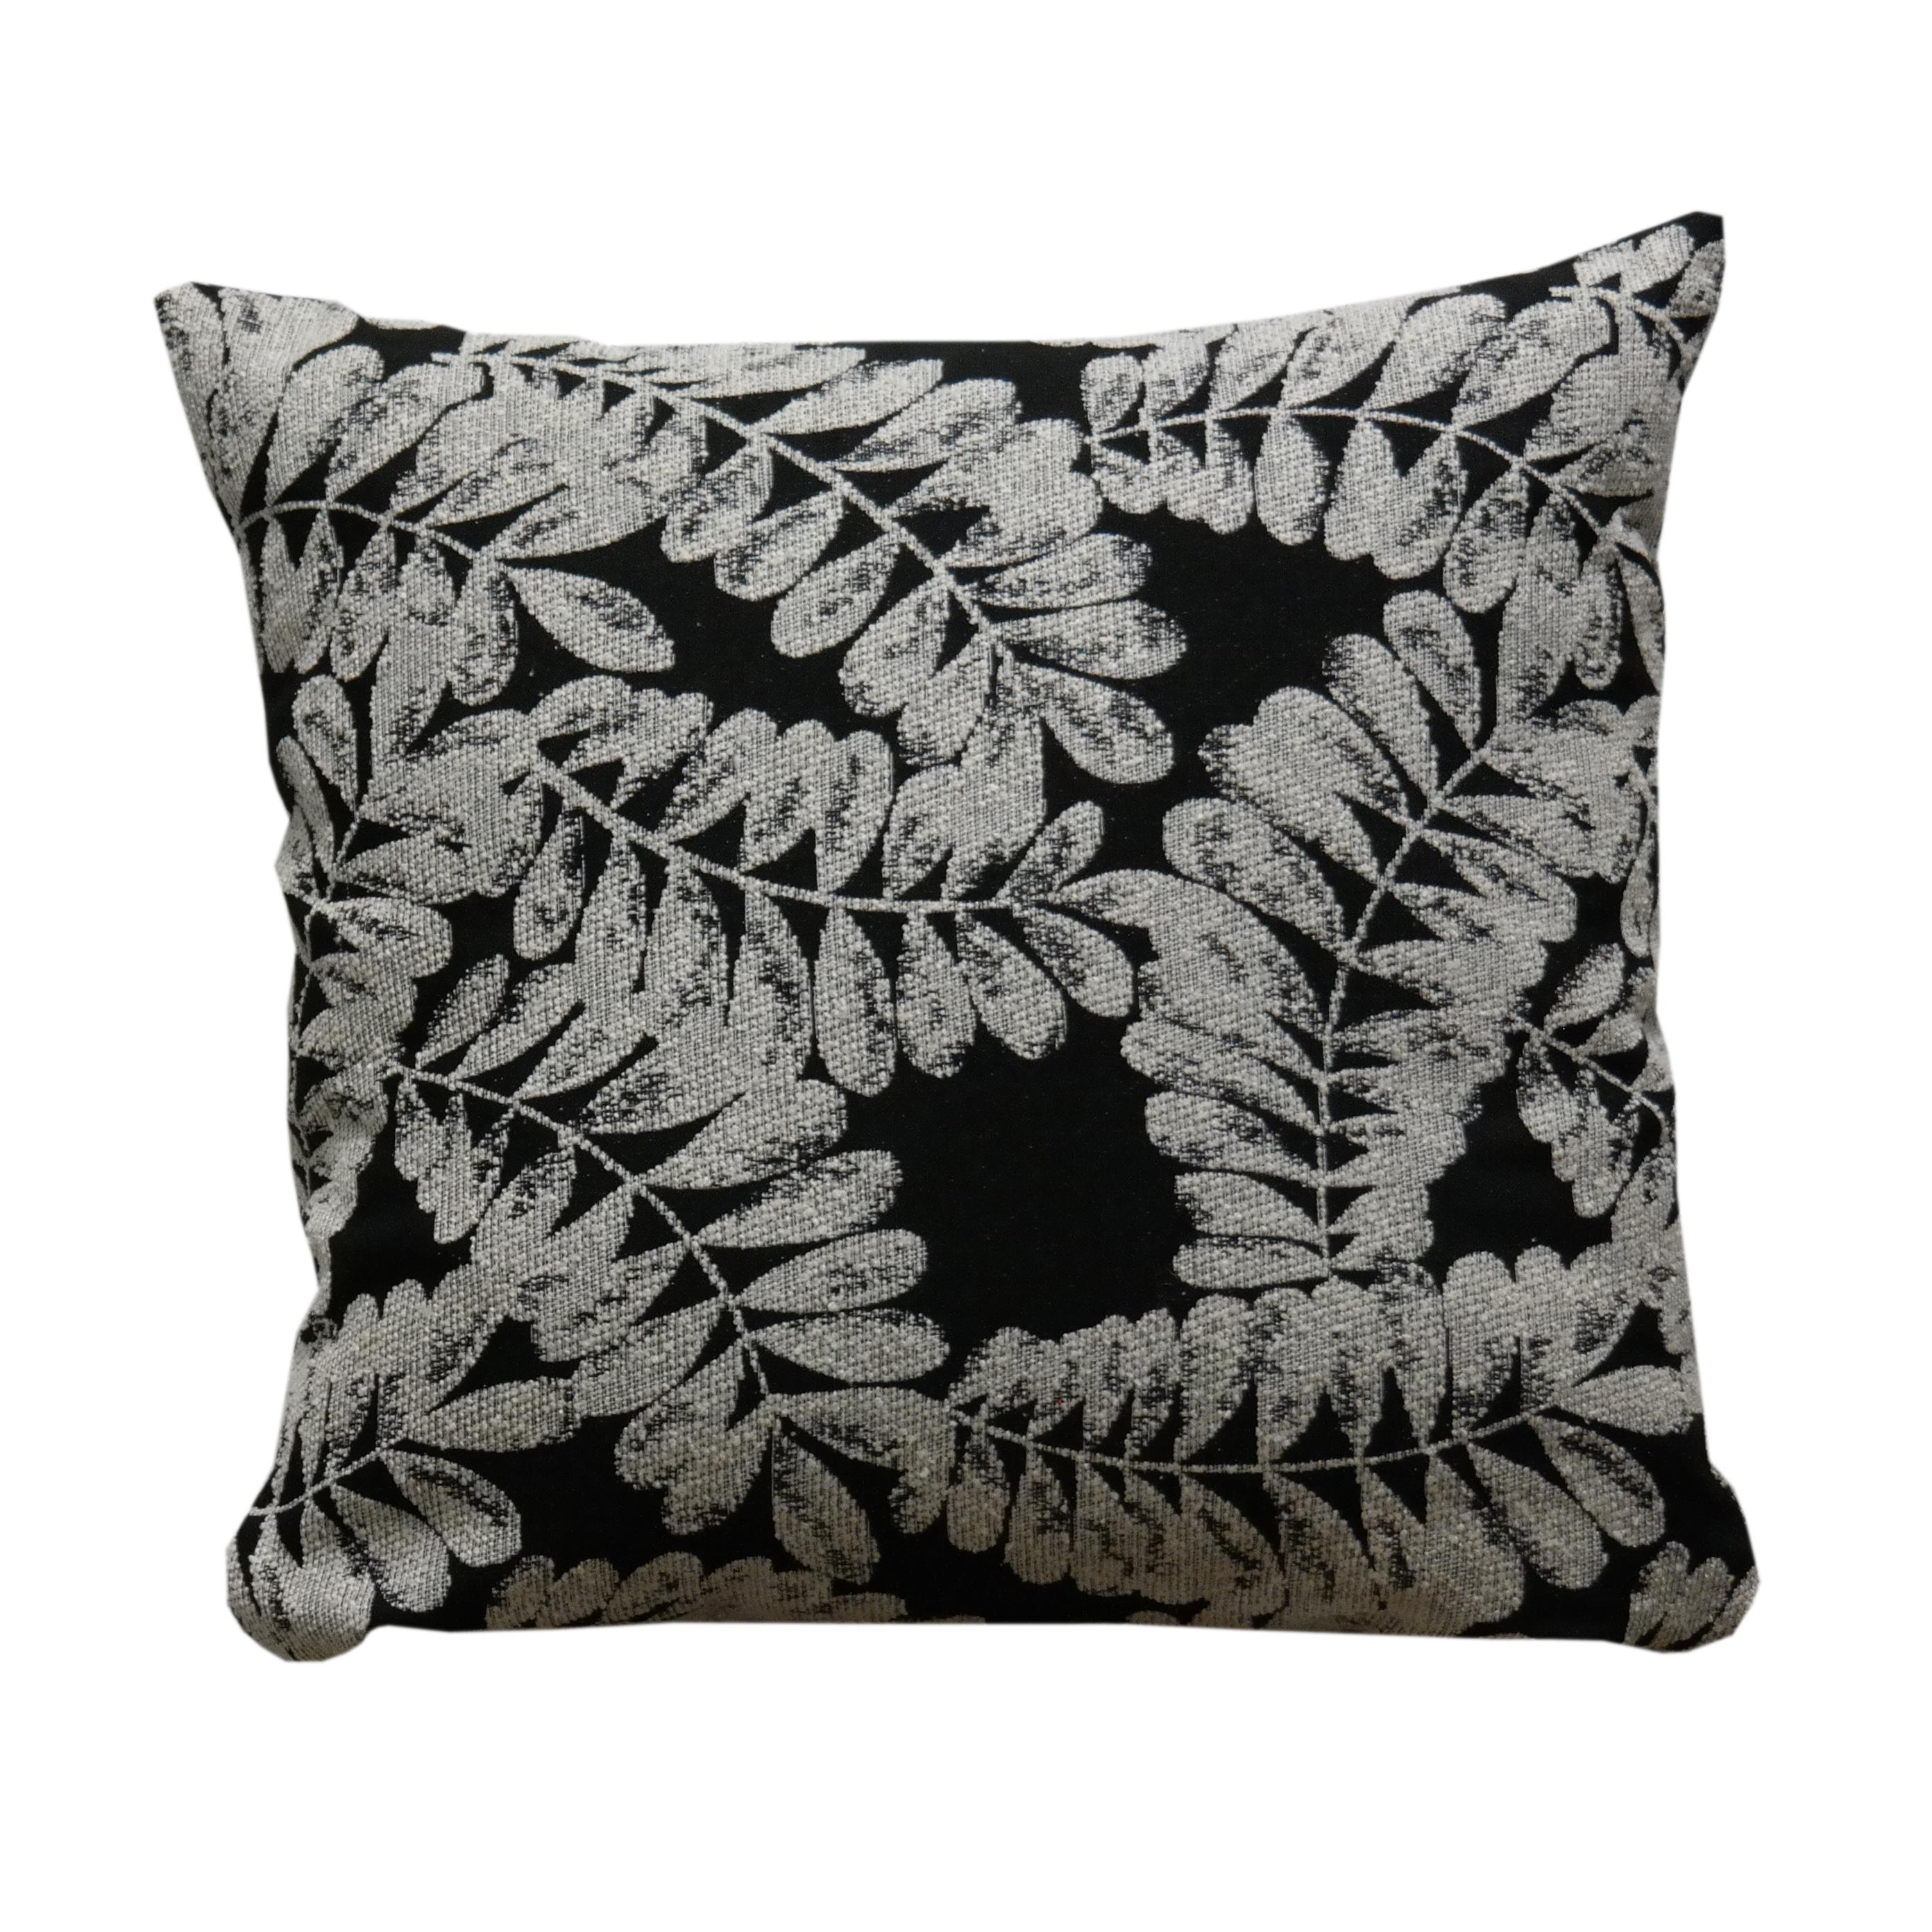 'Batik' cushion